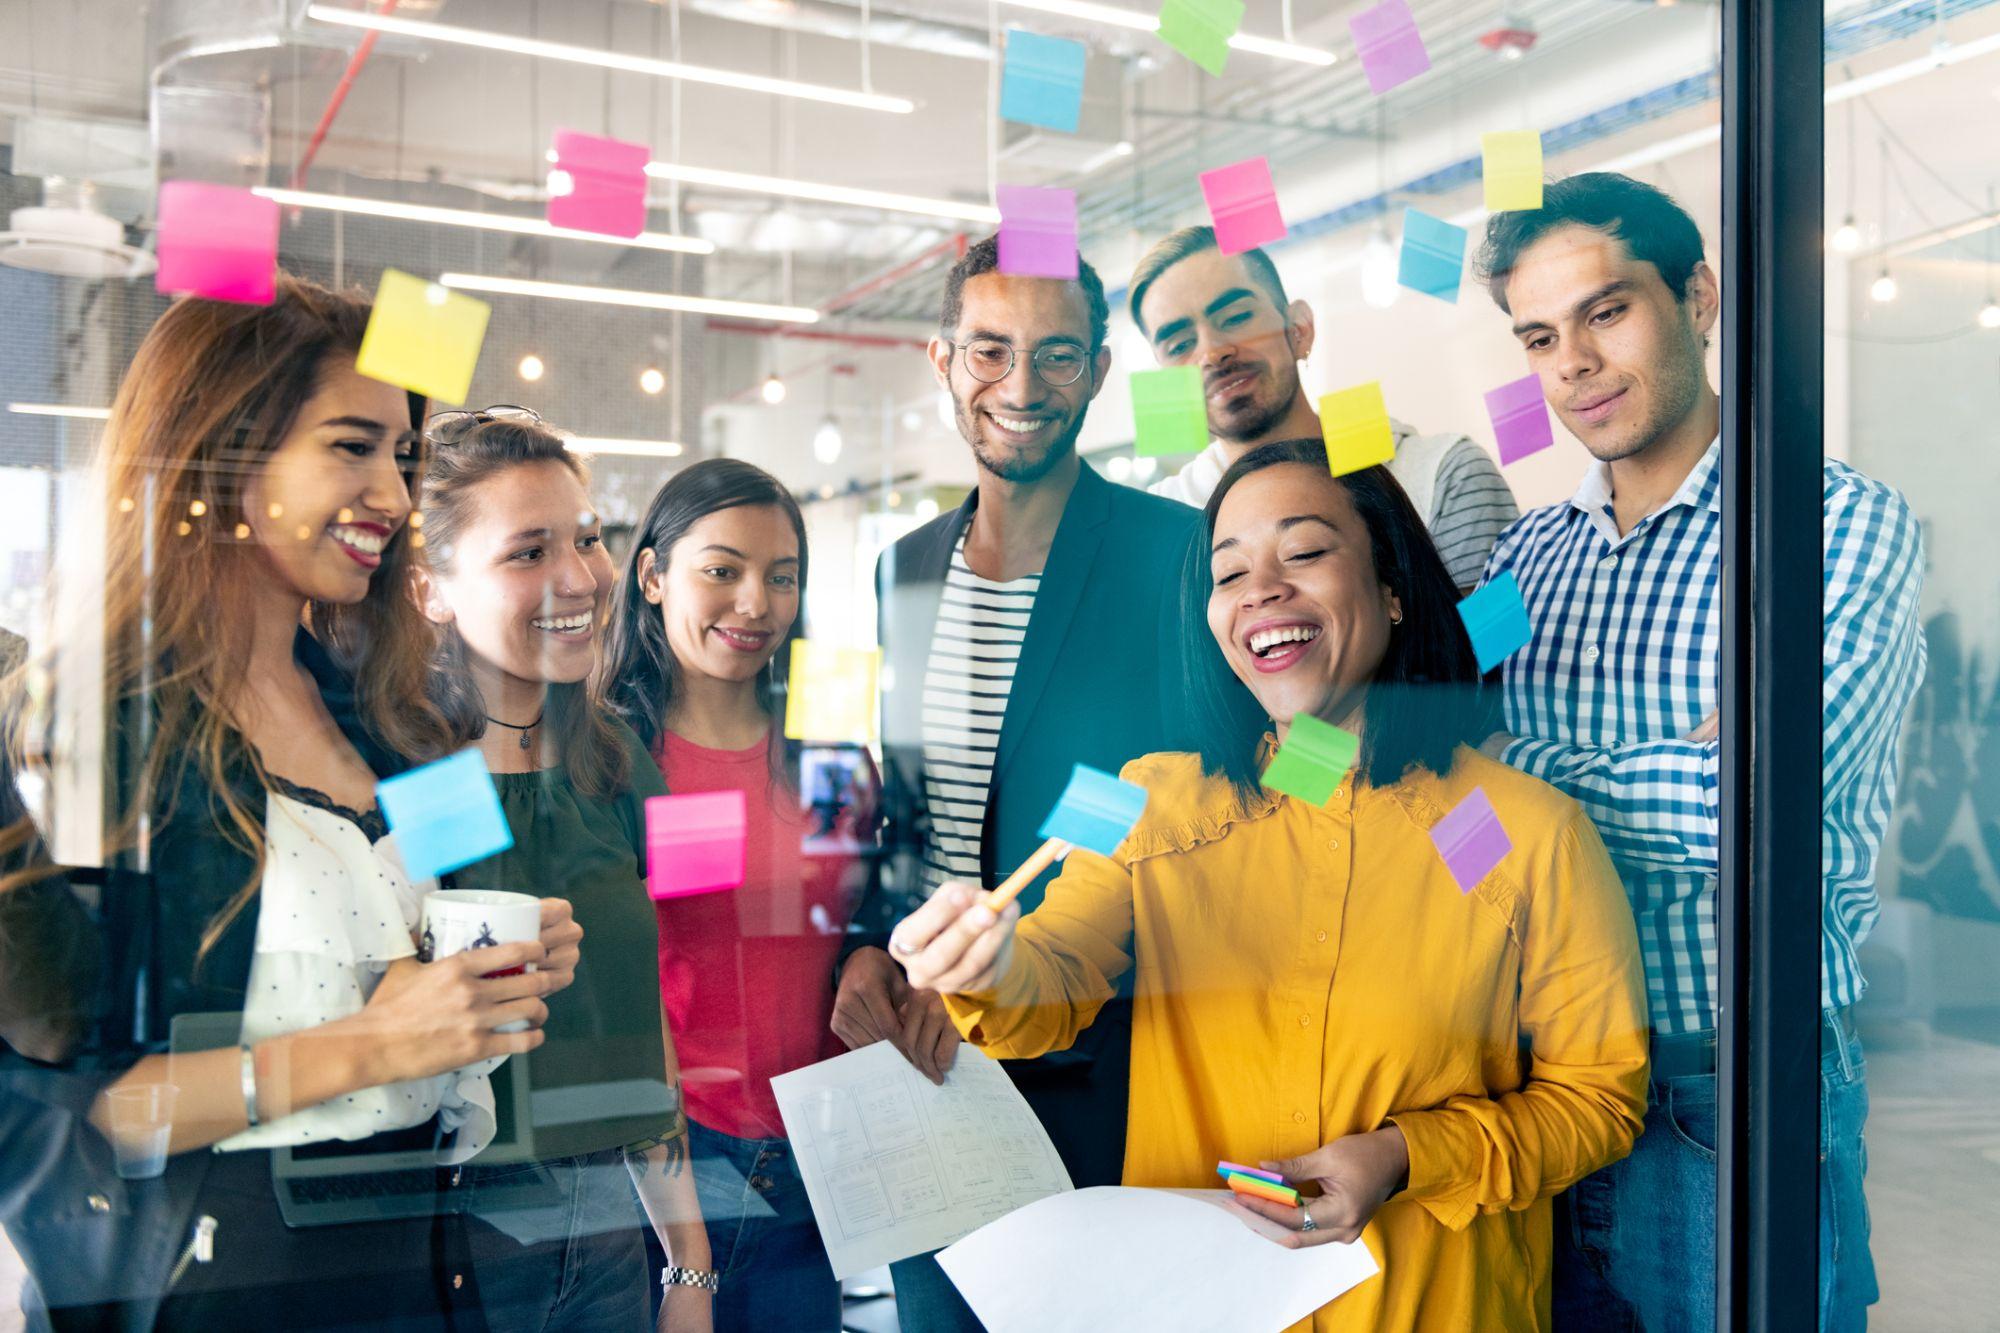 creatividad-en-el-trabajo-6-consejos-para-afrontar-periodos-de-crisis